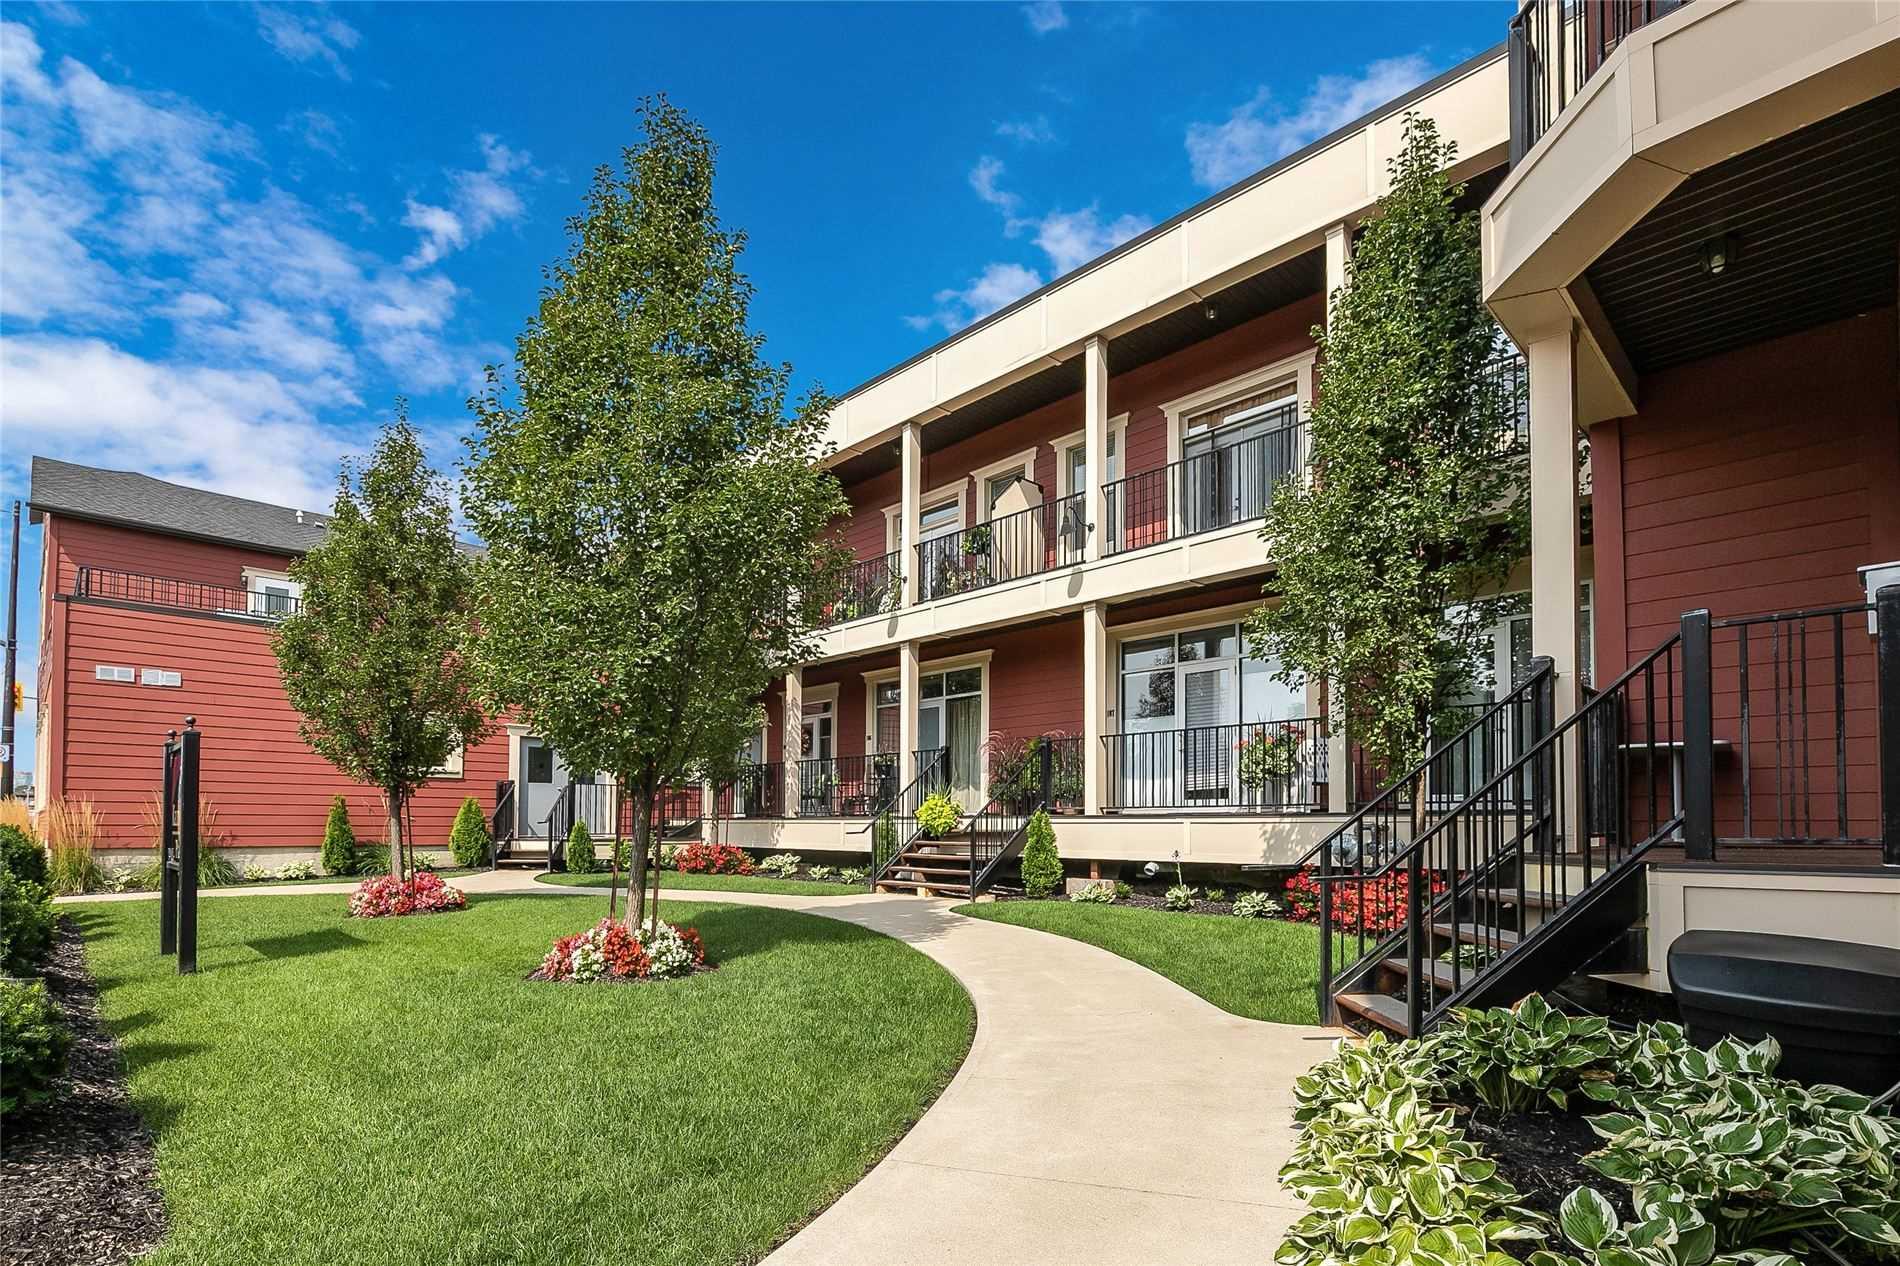 3710 Main St, Niagara Falls, Ontario L2G 6B1, 2 Bedrooms Bedrooms, ,2 BathroomsBathrooms,Condo Apt,For Sale,Main,X5373723